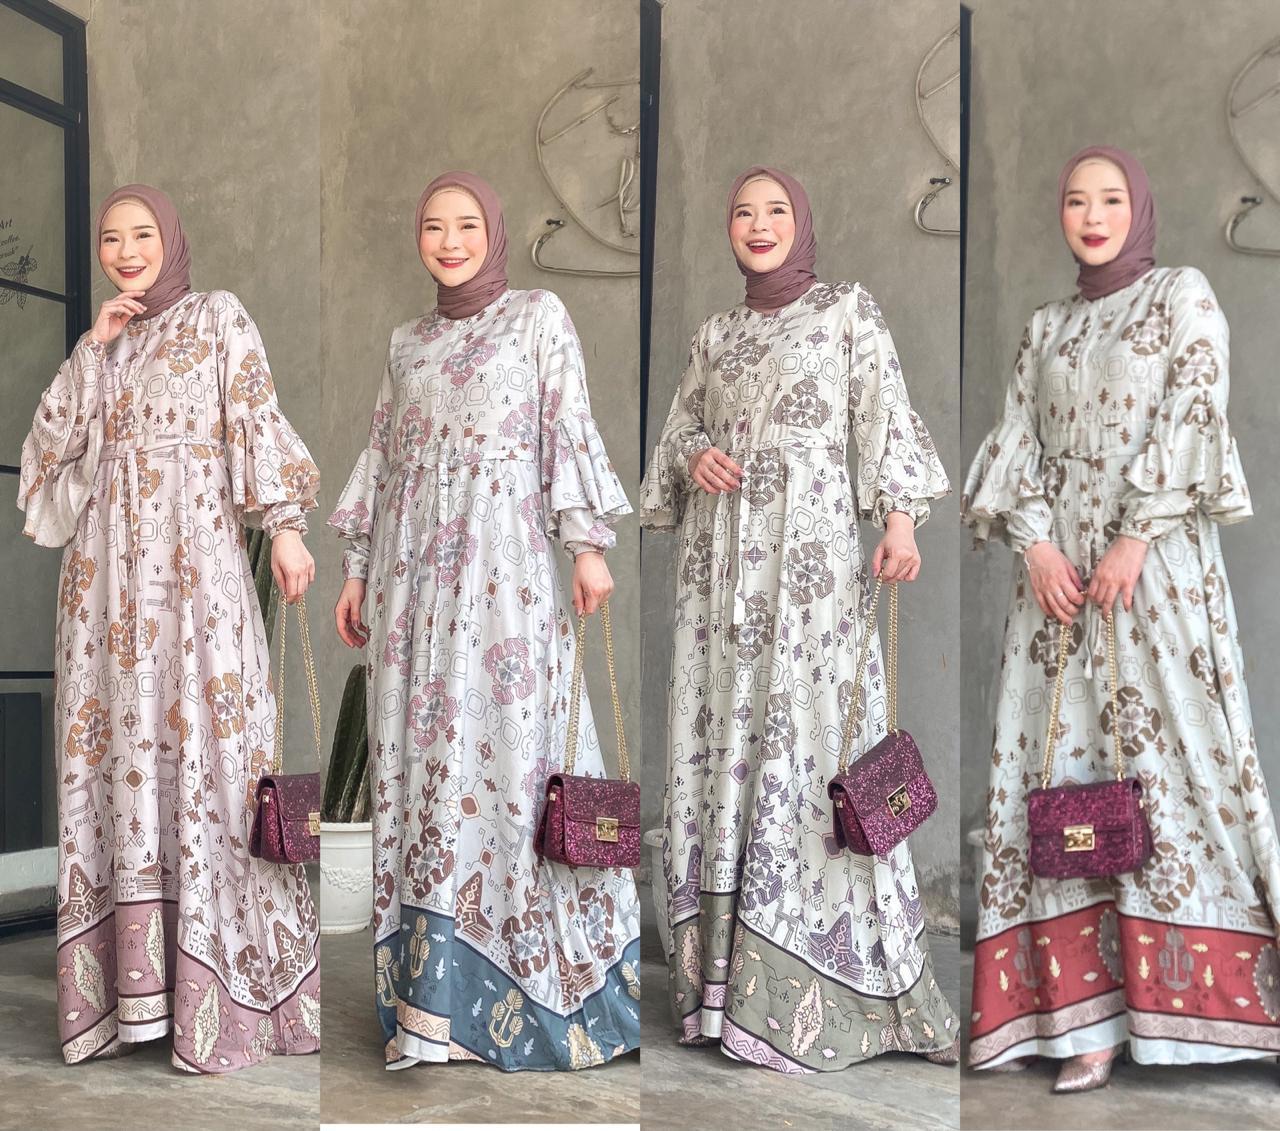 Gamis Rayon Terbaru 2020 Muslim Dress Rayon Viscouse Motif Bunga Terbaru Bisa Cod Baju Gamis Wanita Terbaru Gamis Modern Gamis Murah Gamis Muslimterbaru Gamis Syari Gamis Murah Boyan Store Lazada Indonesia